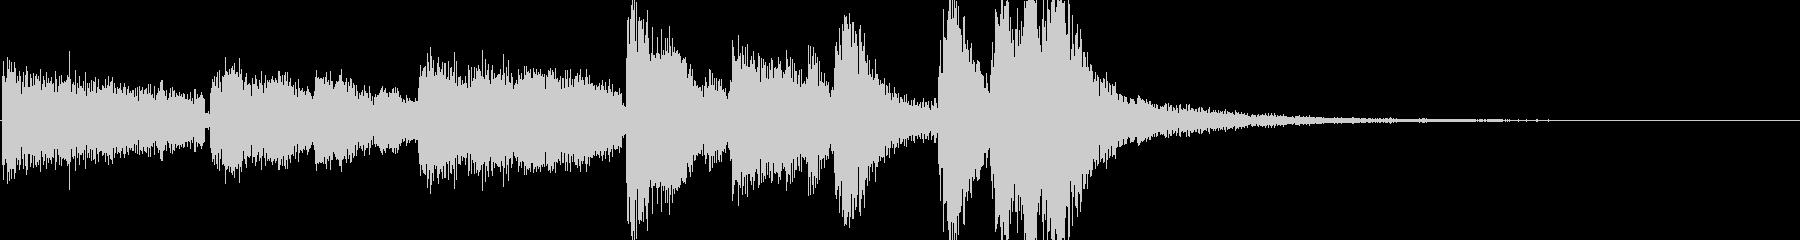 キャラクターに用いられる音楽の未再生の波形